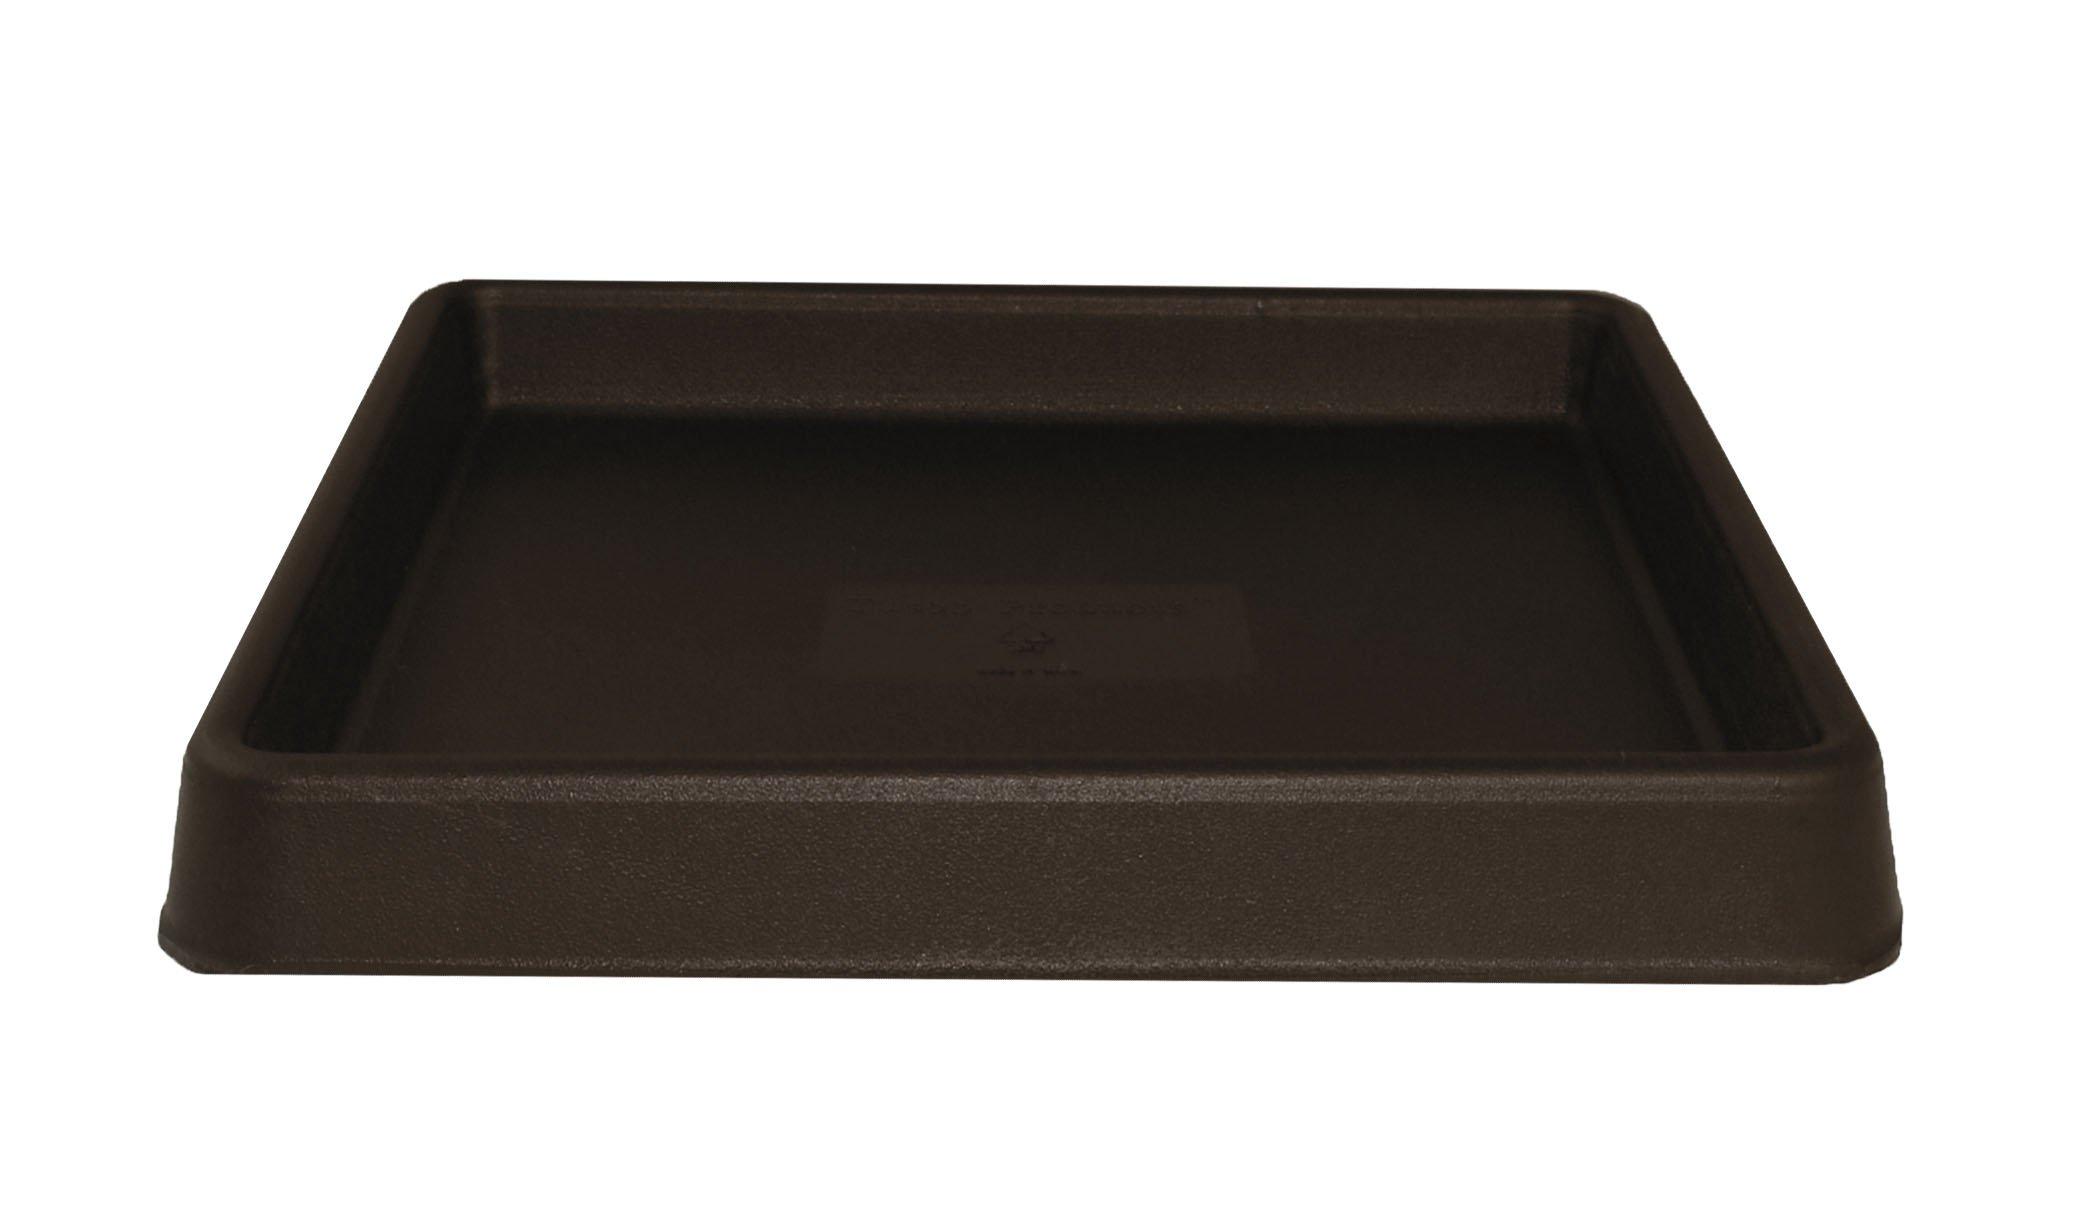 Tusco Products TRSQ15ES Square Saucer, 15-Inch, Espresso